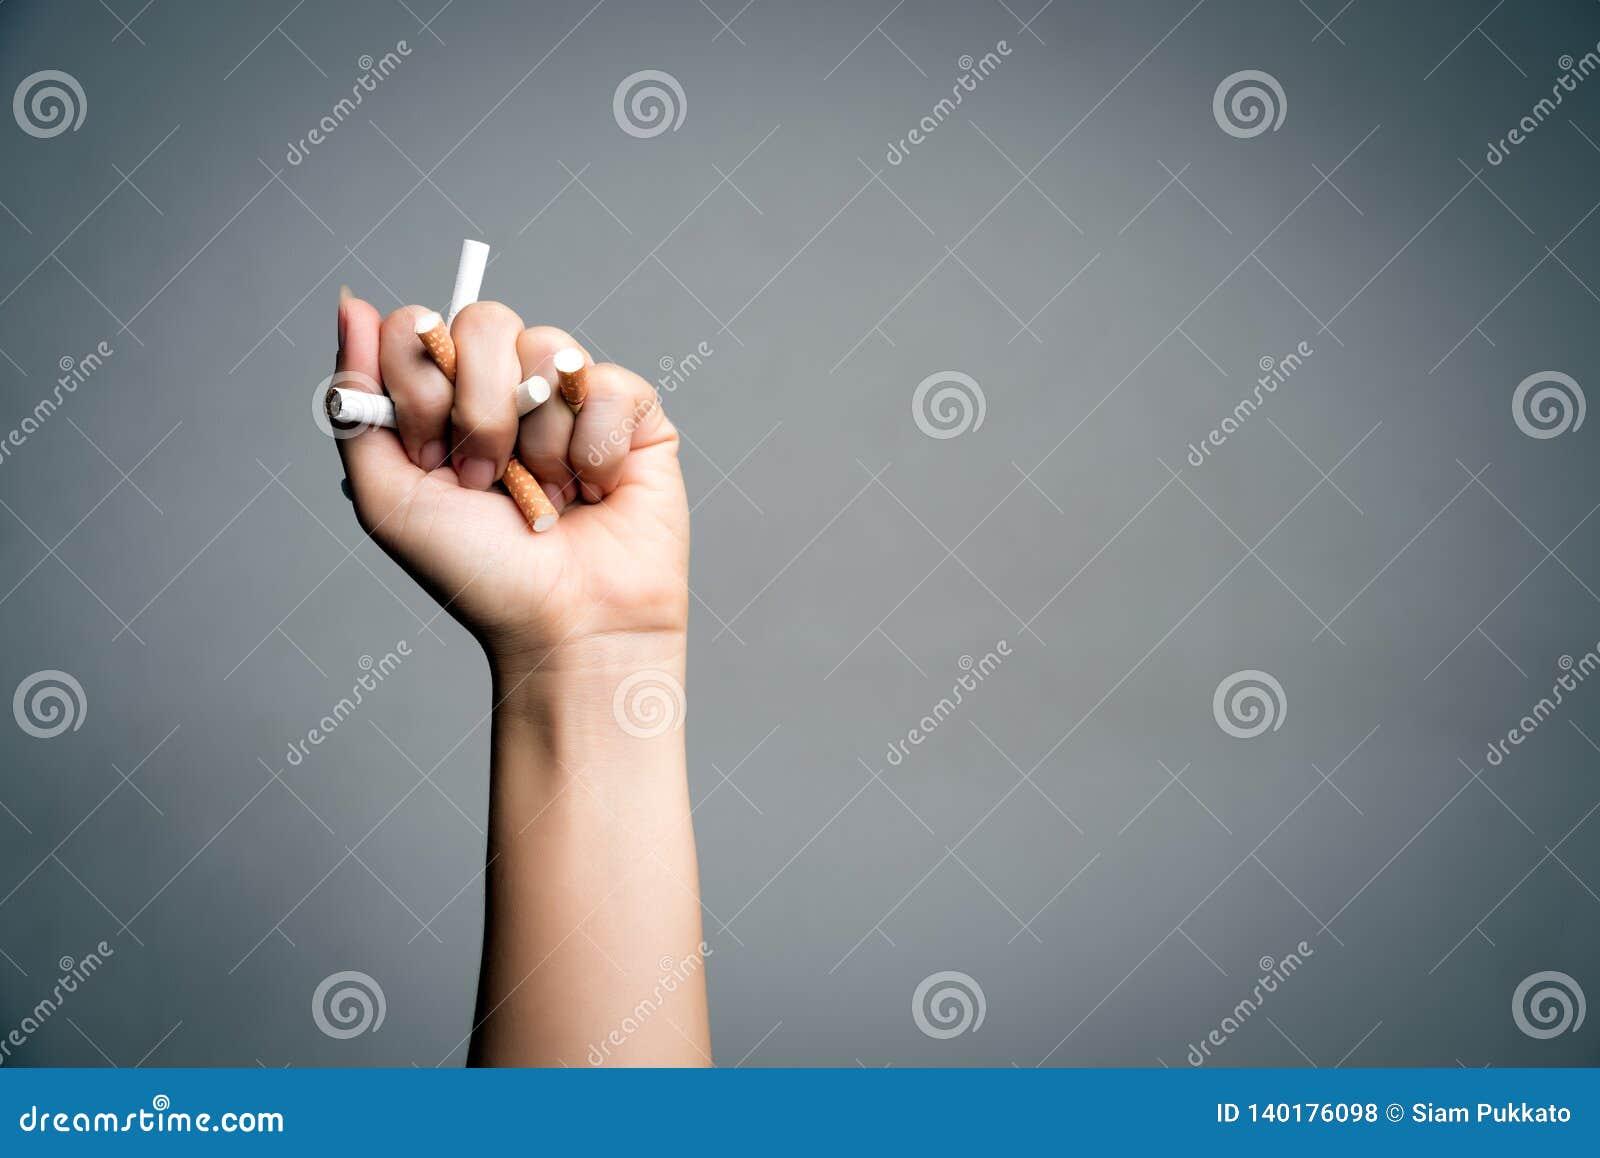 Monde aucun jour de tabac, le 31 mai Cessez le fumage Cigarettes concasseuses et de destructions de main haute étroite d homme su